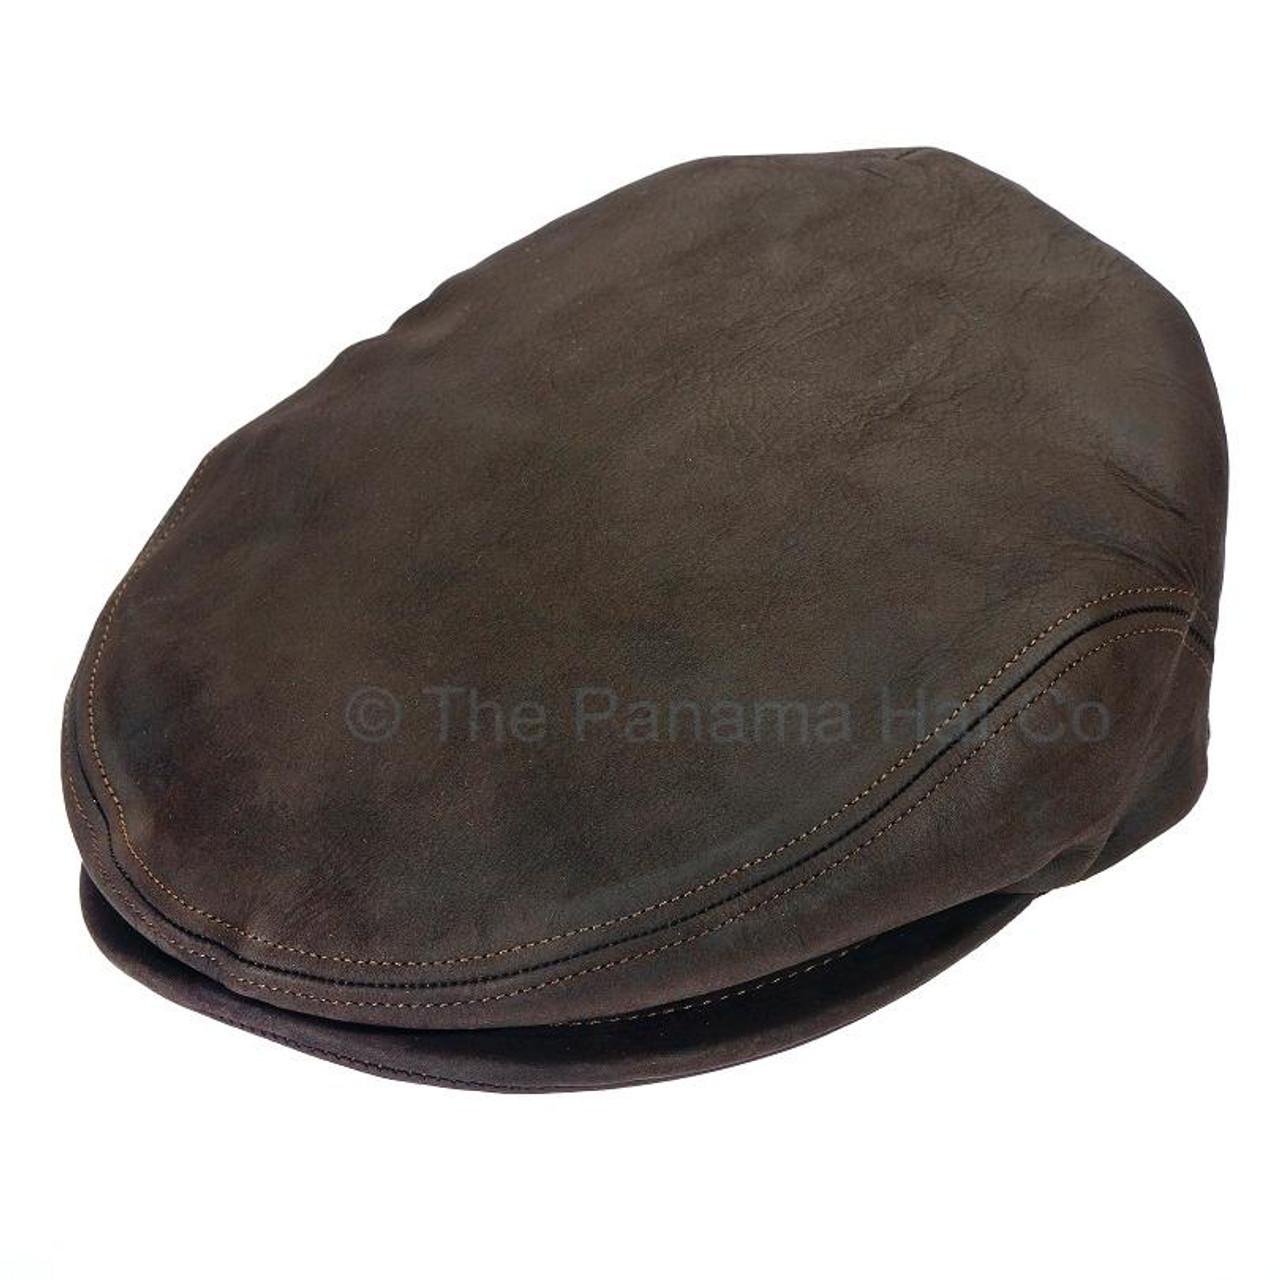 Italian Leather Flat Cap - The Panama Hat Company 9d82e769c5a